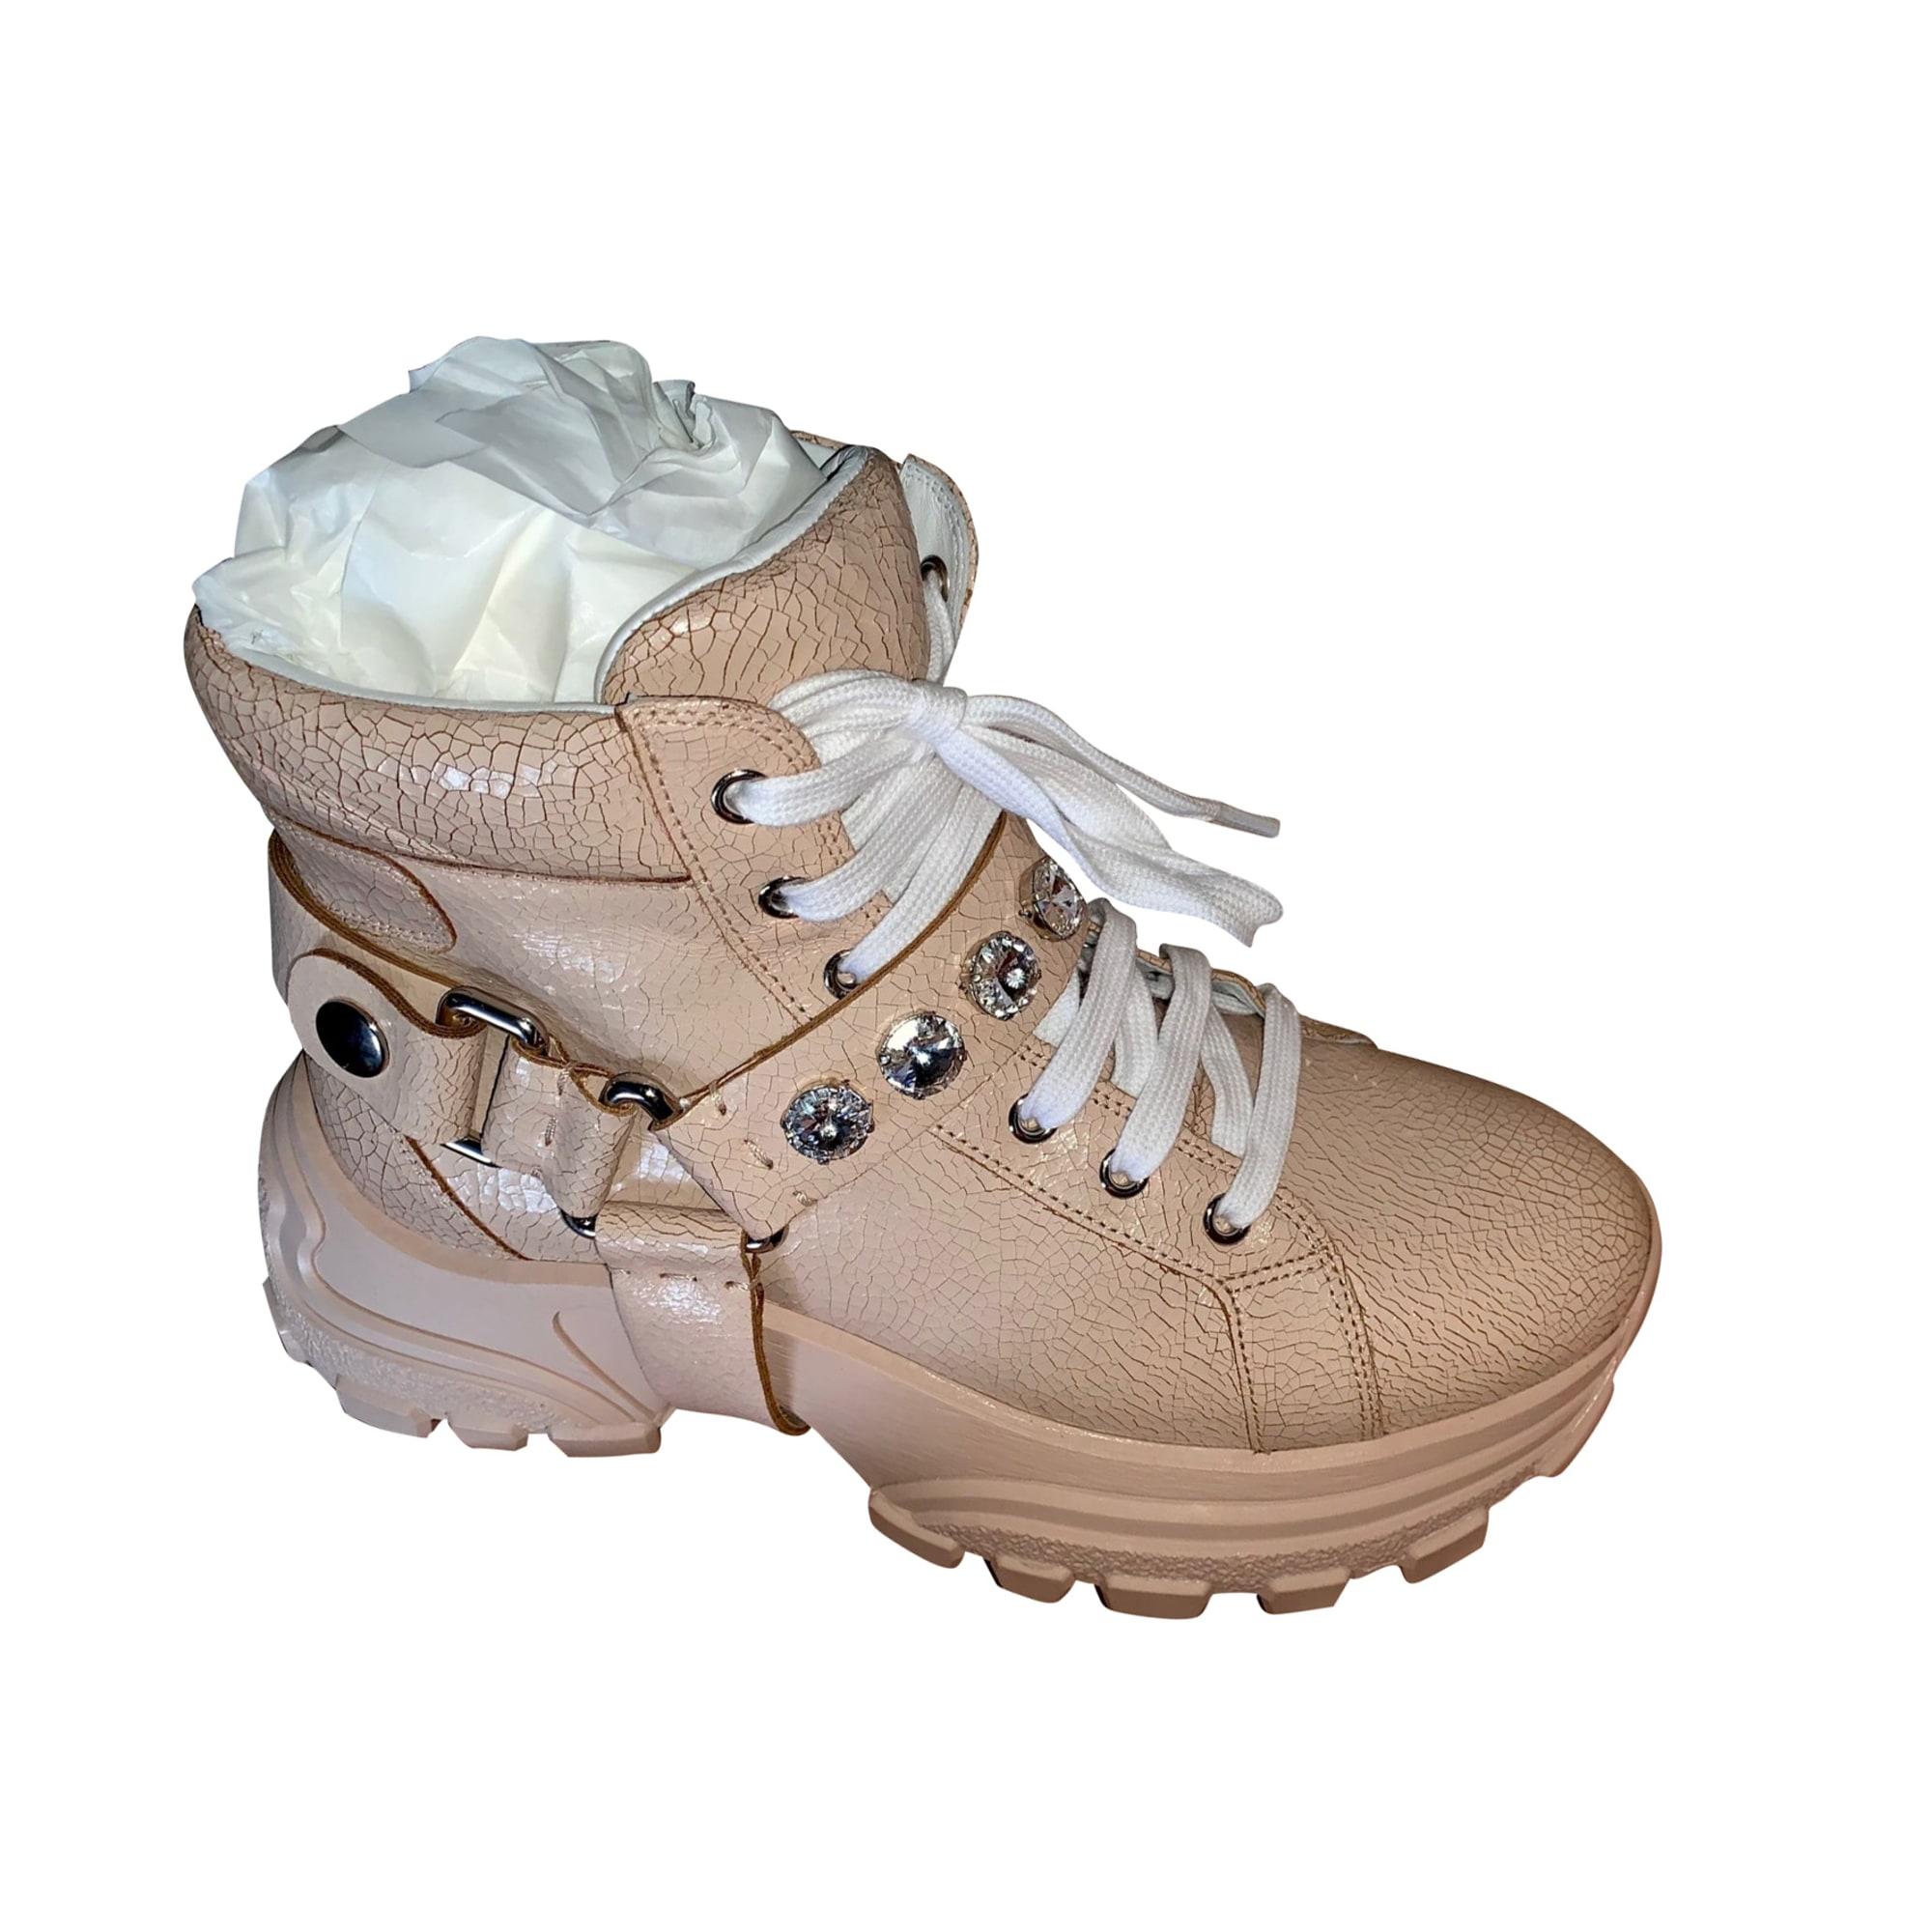 Bottines & low boots plates MIU MIU Rose, fuschia, vieux rose